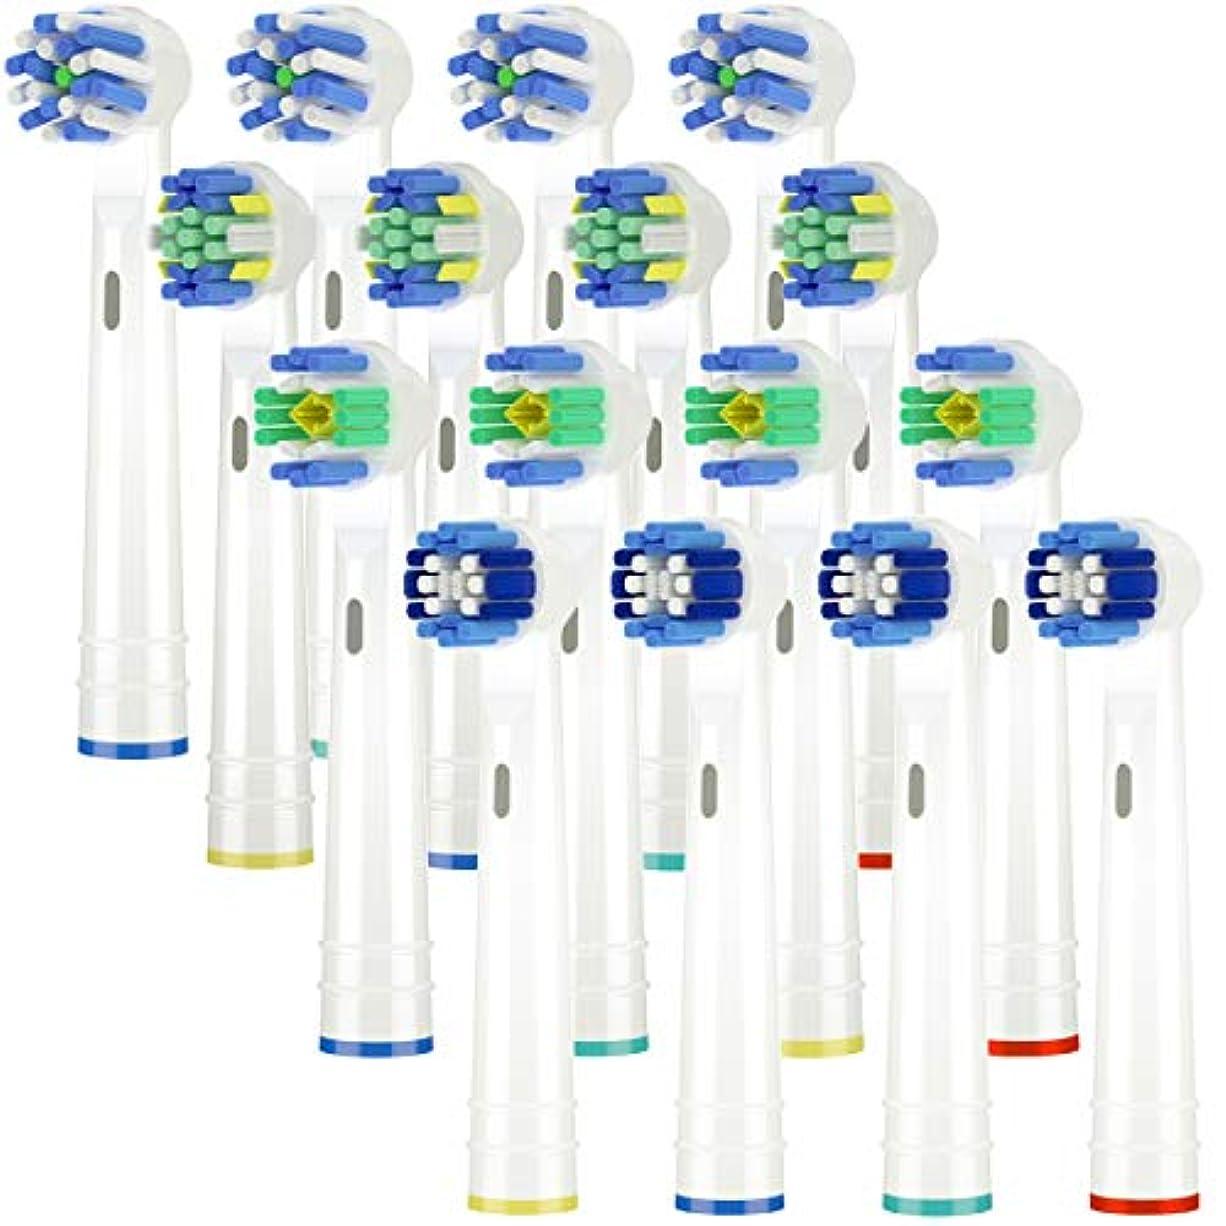 恩恵肌寒い線Itechnik 電動歯ブラシ 替えブラシ ブラウン オーラルB 対応 替えブラシ 4種類が入り:ホワイトニングブラシ 、ベーシックブラシ、歯間ワイパー付きブラシ、マルチアクションブラシ 凡用な16本